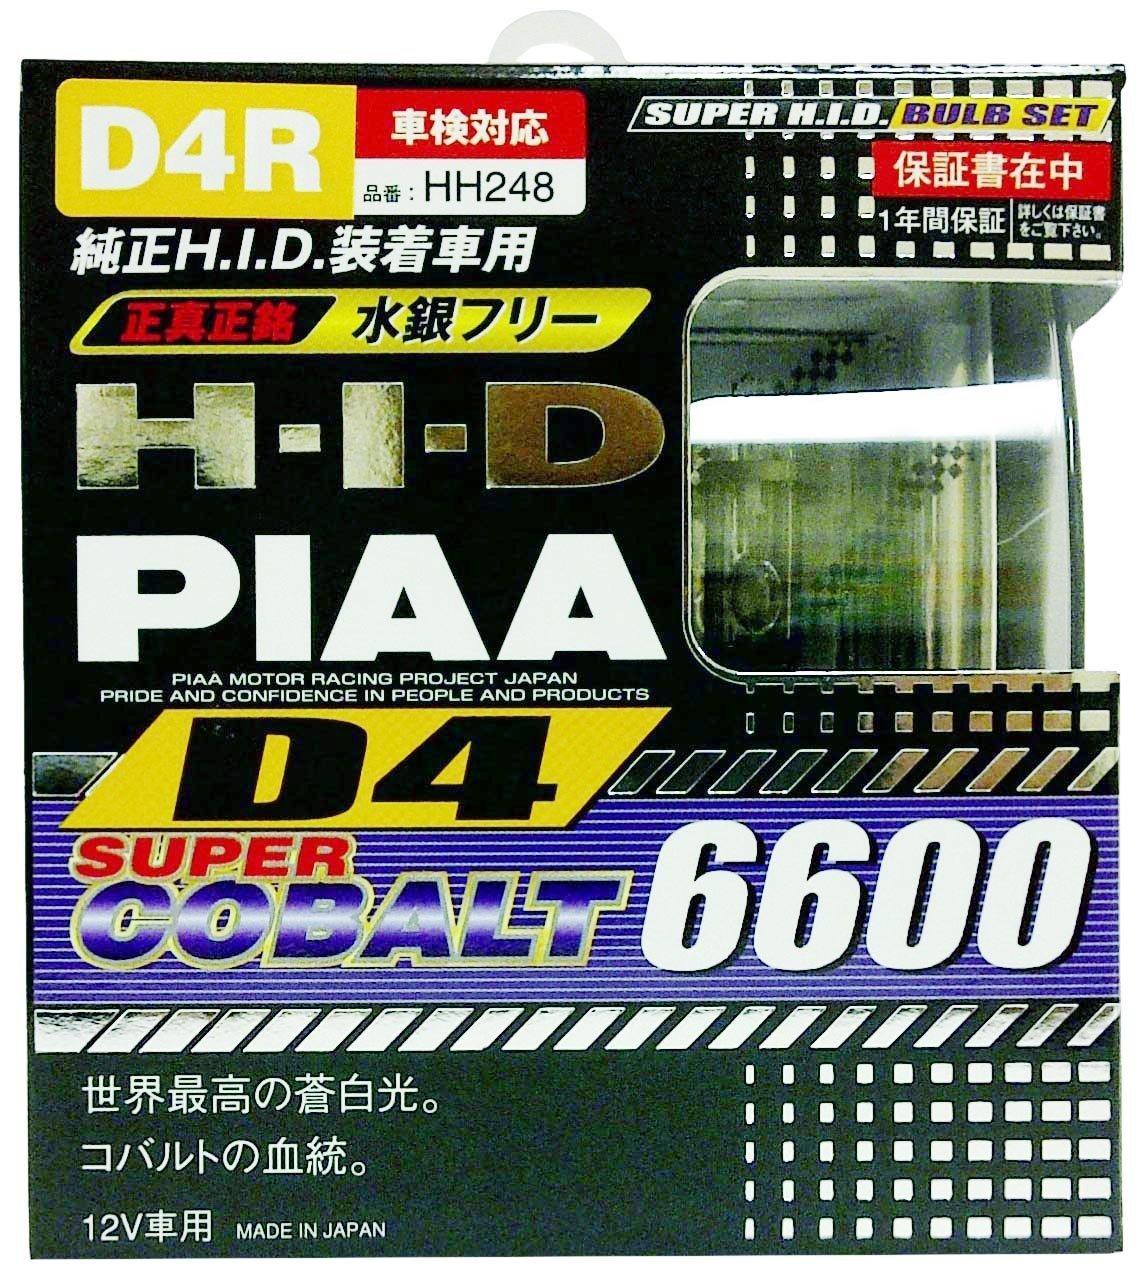 PIAA 19996 D4R Super Cobalt 6600K Xenon HID Light Bulbs